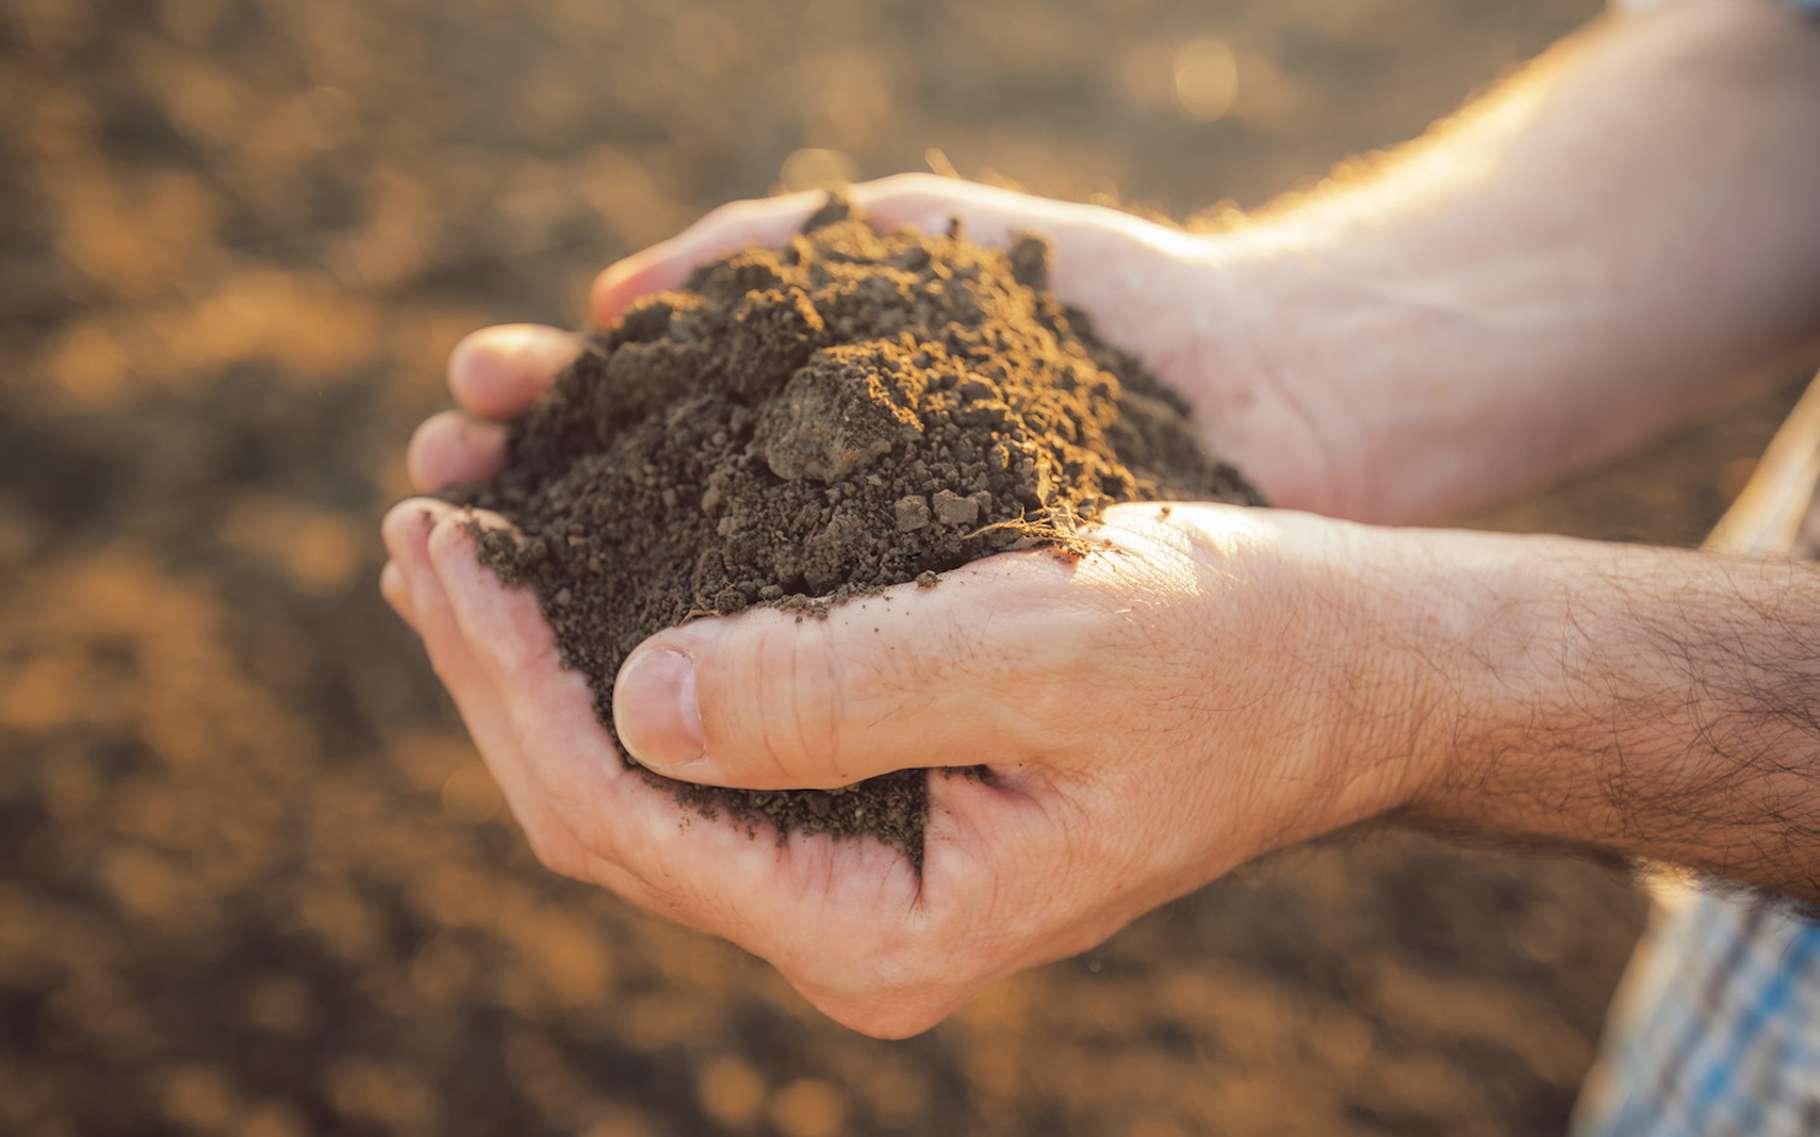 Des scientifiques ont analysé des milliers d'échantillons de terre afin d'en apprendre un peu plus sur les microbiomes des sols. © Bits and Splits, Fotolia